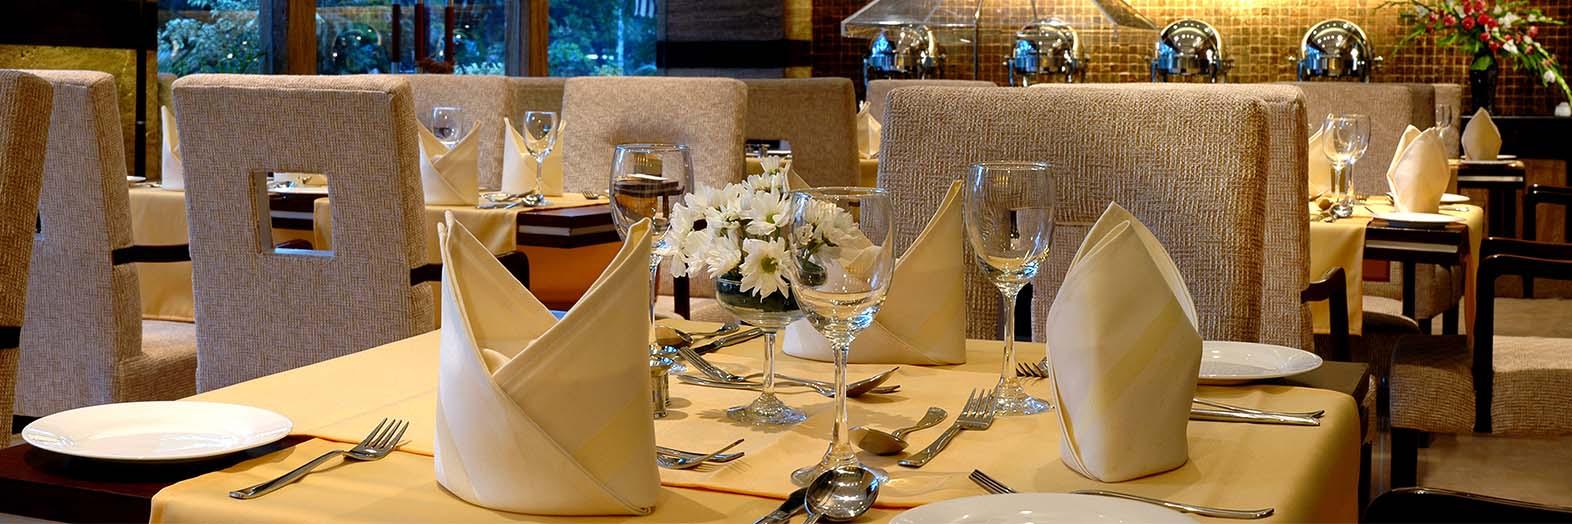 Fortune Inn Jukaso – Hotels in  Pune Dining